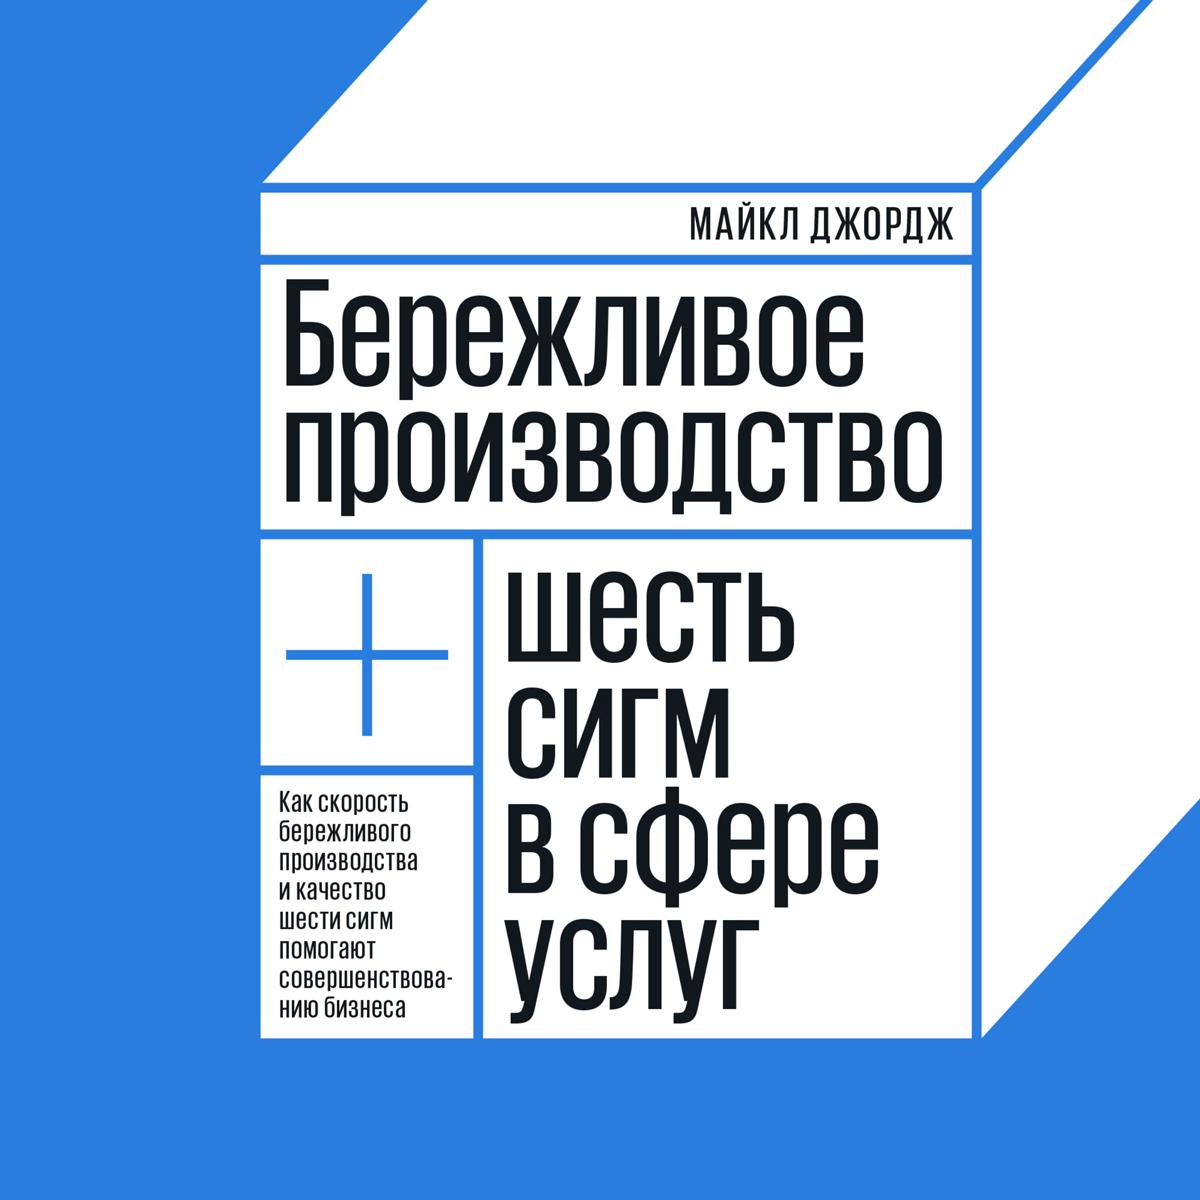 Майкл Джордж Бережливое производство. Как скорость бережливого производства и качество шести сигм помогают совершенствованию бизнеса книги альпина паблишер бережливое производство